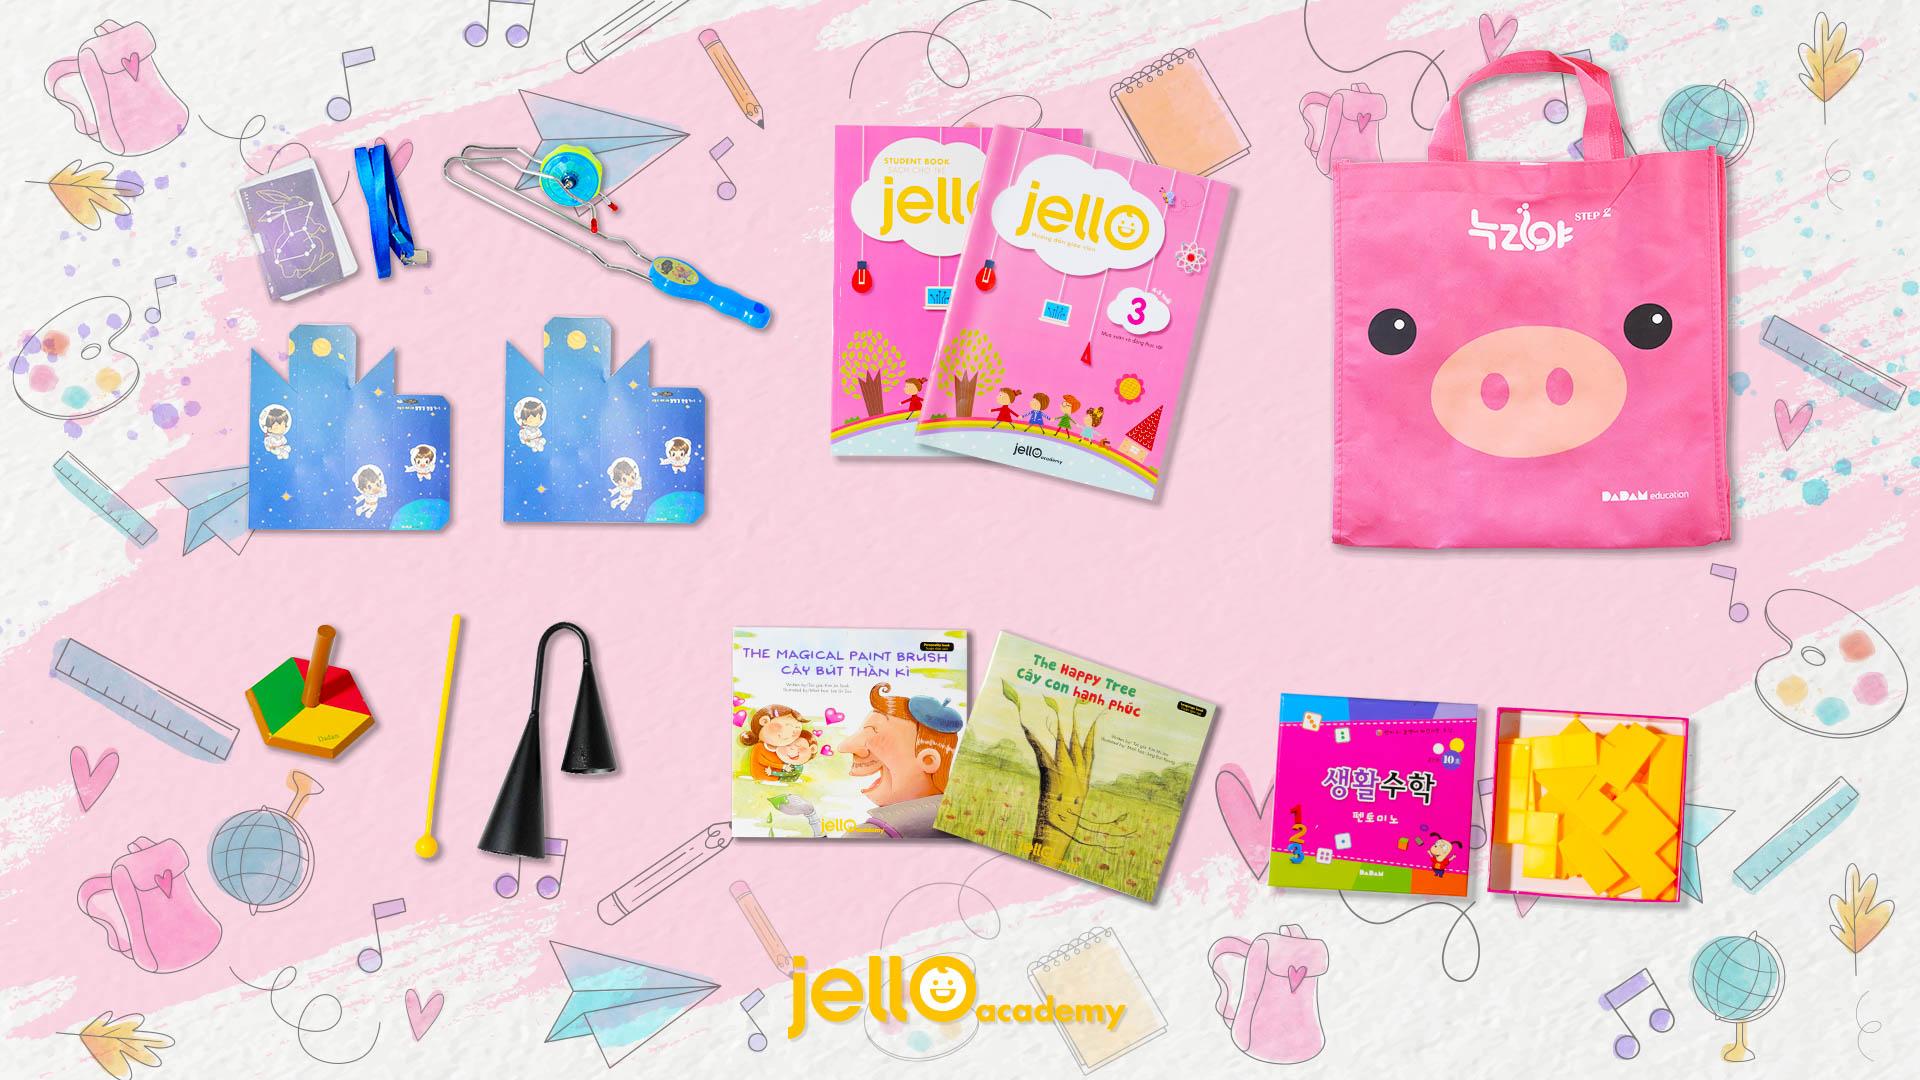 Bộ học cụ Jello - 4 Tuổi - Tháng 03